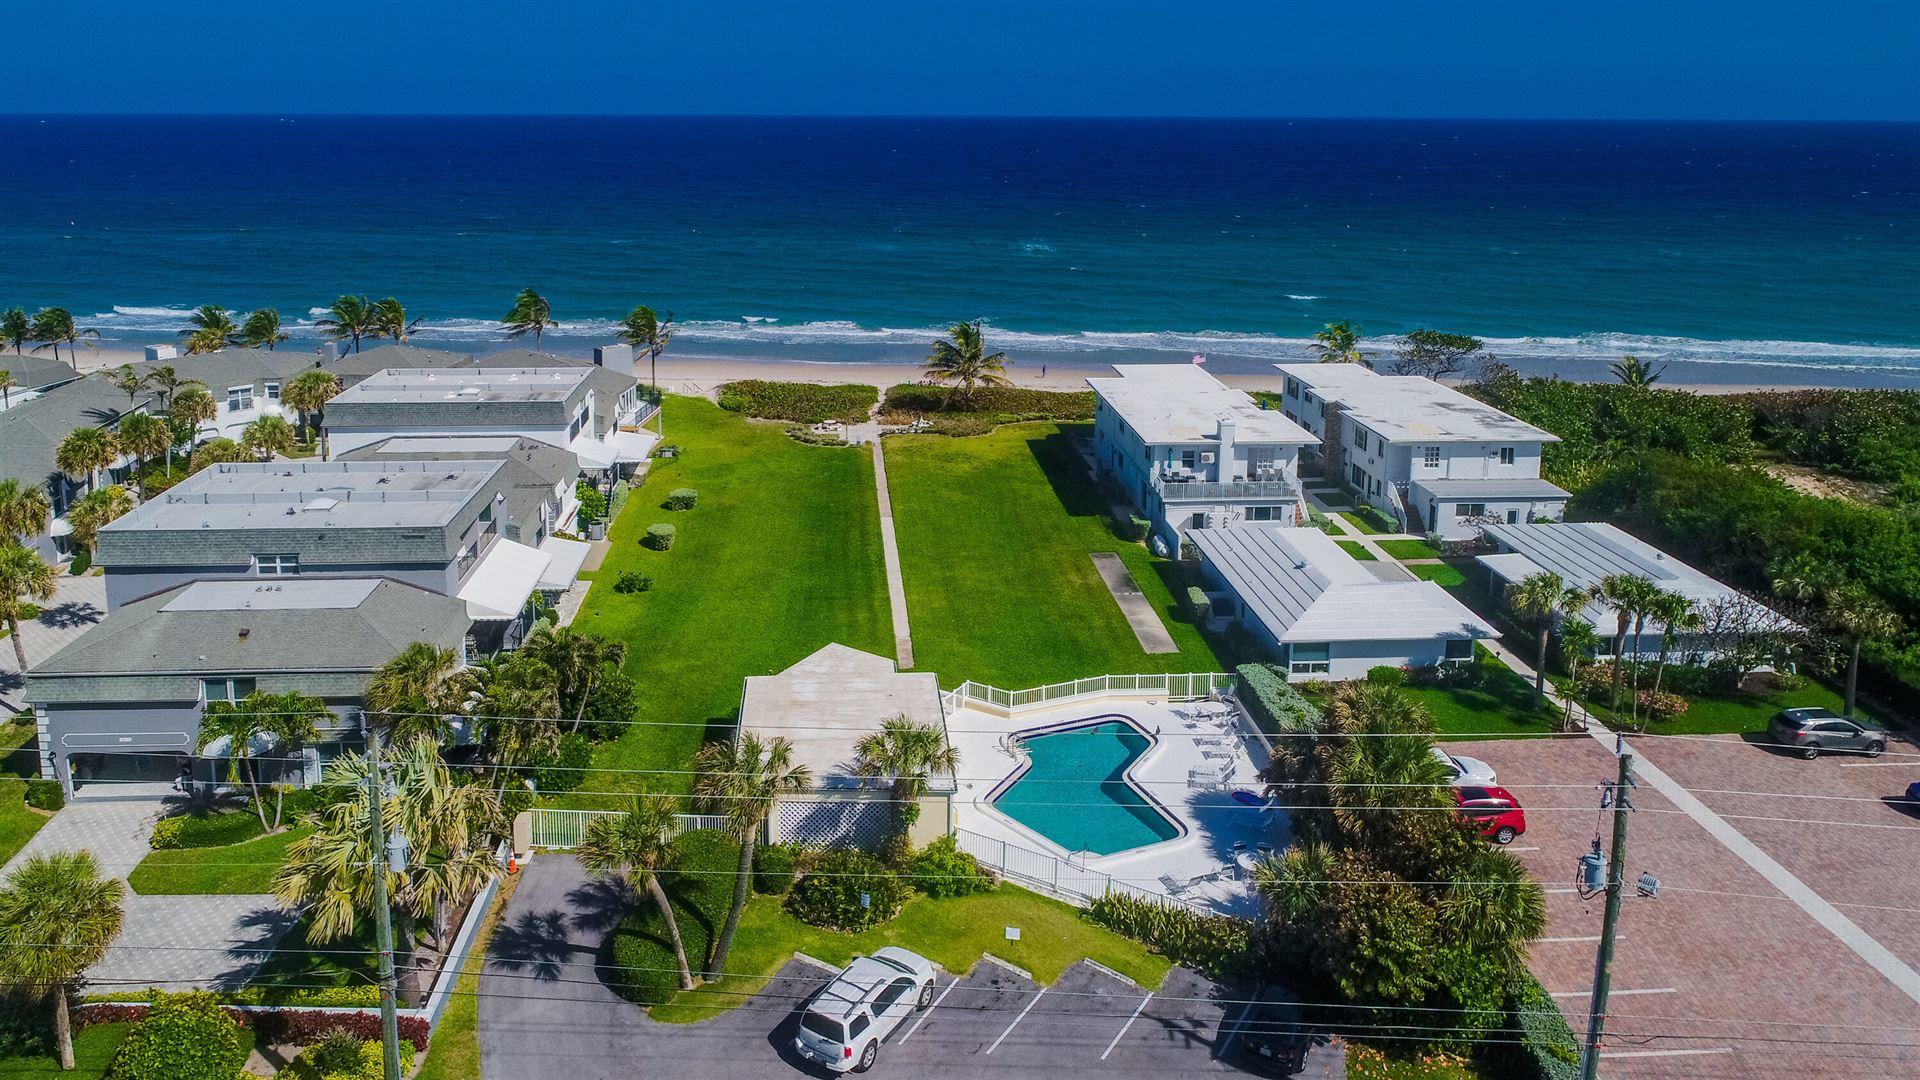 1189 Hillsboro Mile #4, Hillsboro Beach, FL 33062 - #: RX-10625146